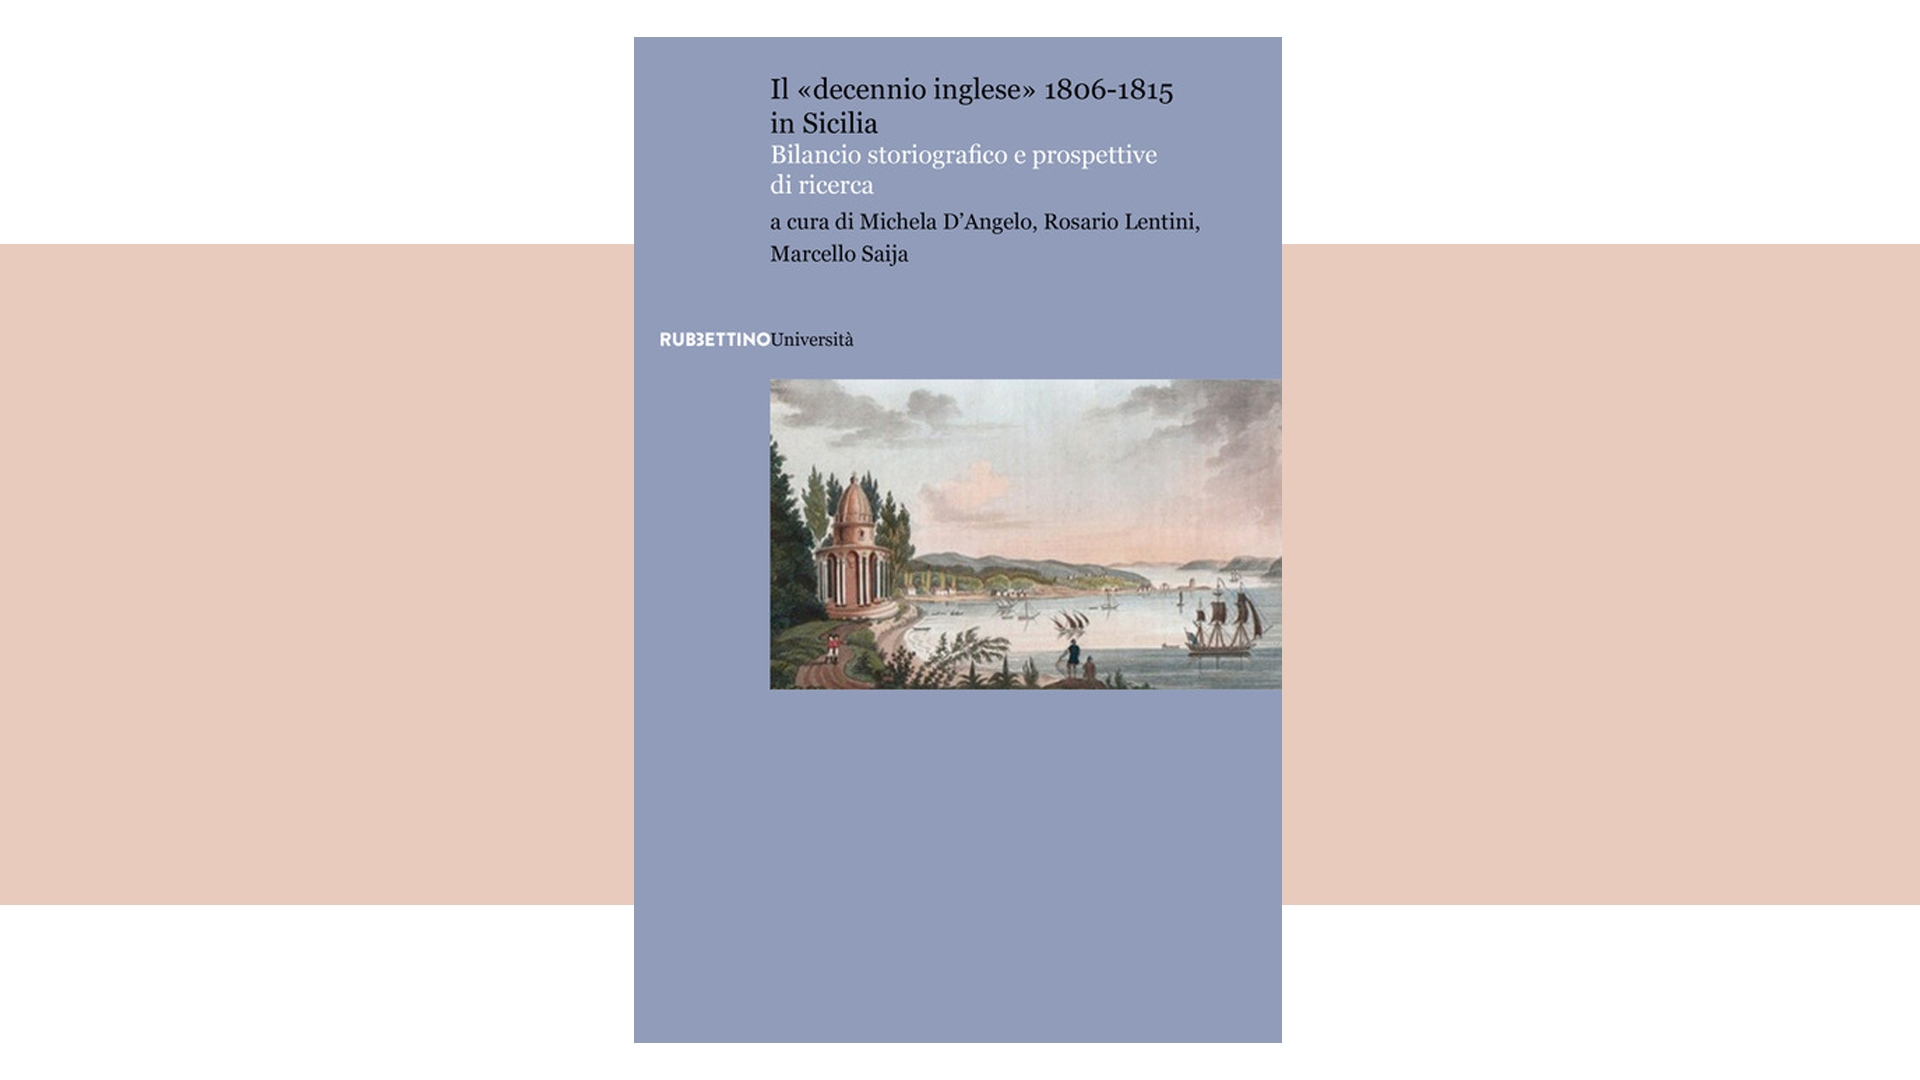 Il «decennio inglese» 1806-1815 in Sicilia